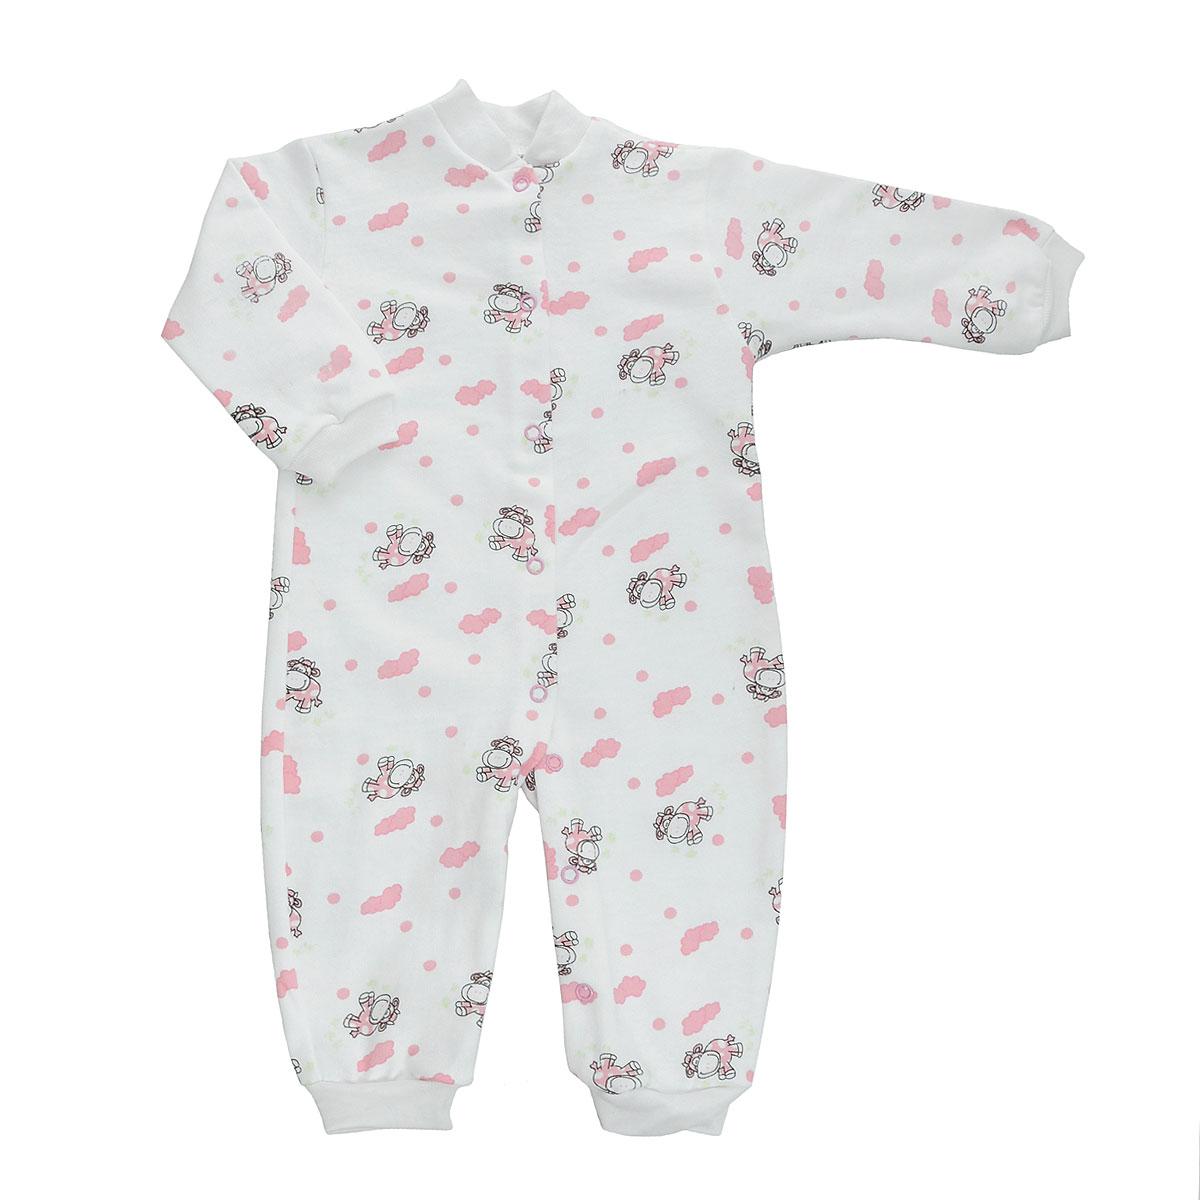 Комбинезон детский Трон-Плюс, цвет: белый, розовый, рисунок коровы. 5823. Размер 74, 9 месяцев